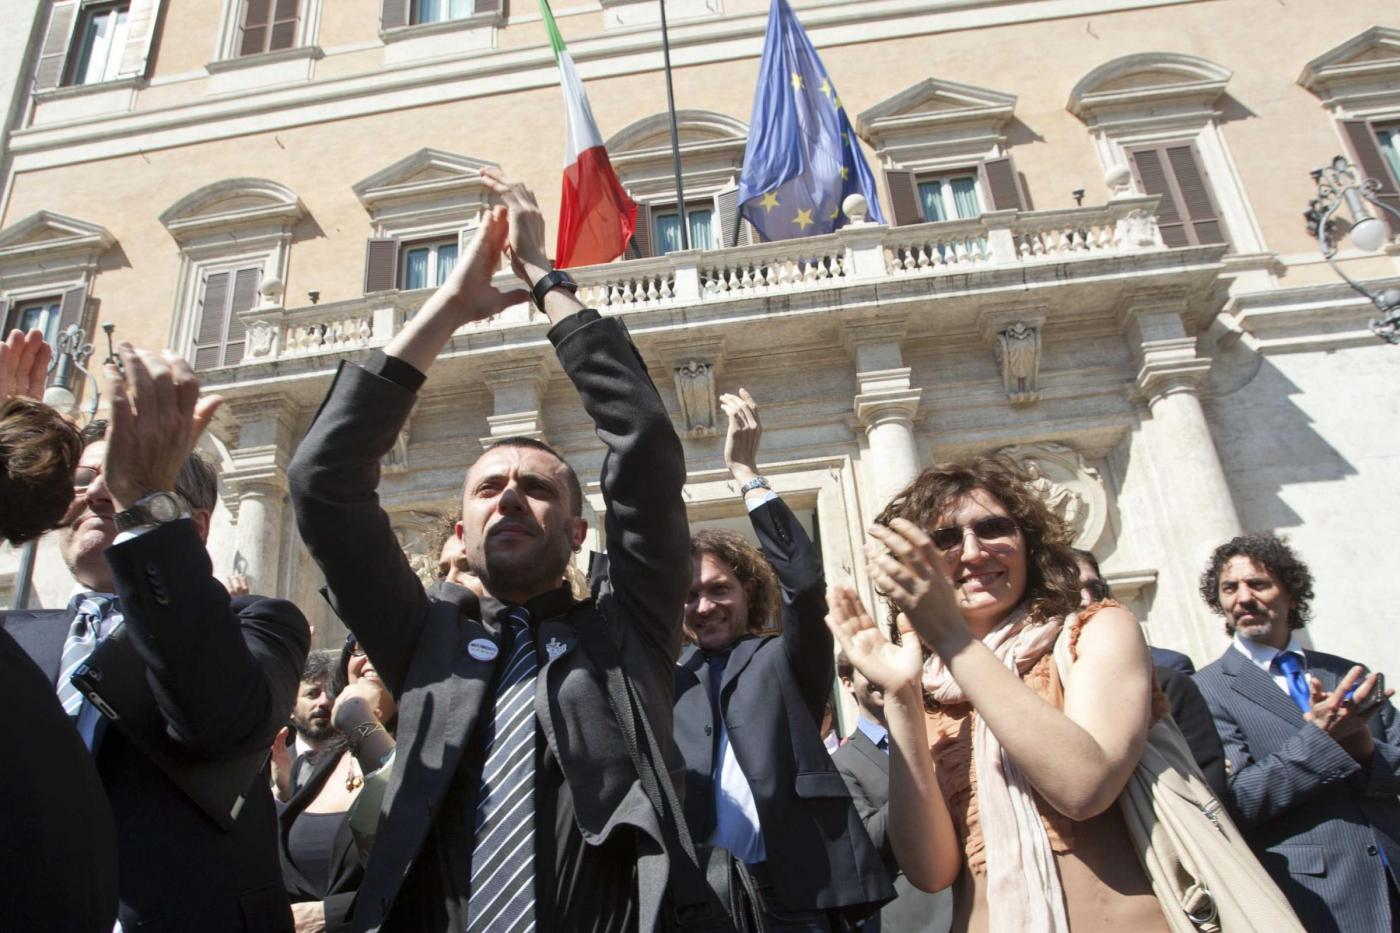 Le regole per candidarsi alle europee con il movimento 5 for Esponenti movimento 5 stelle